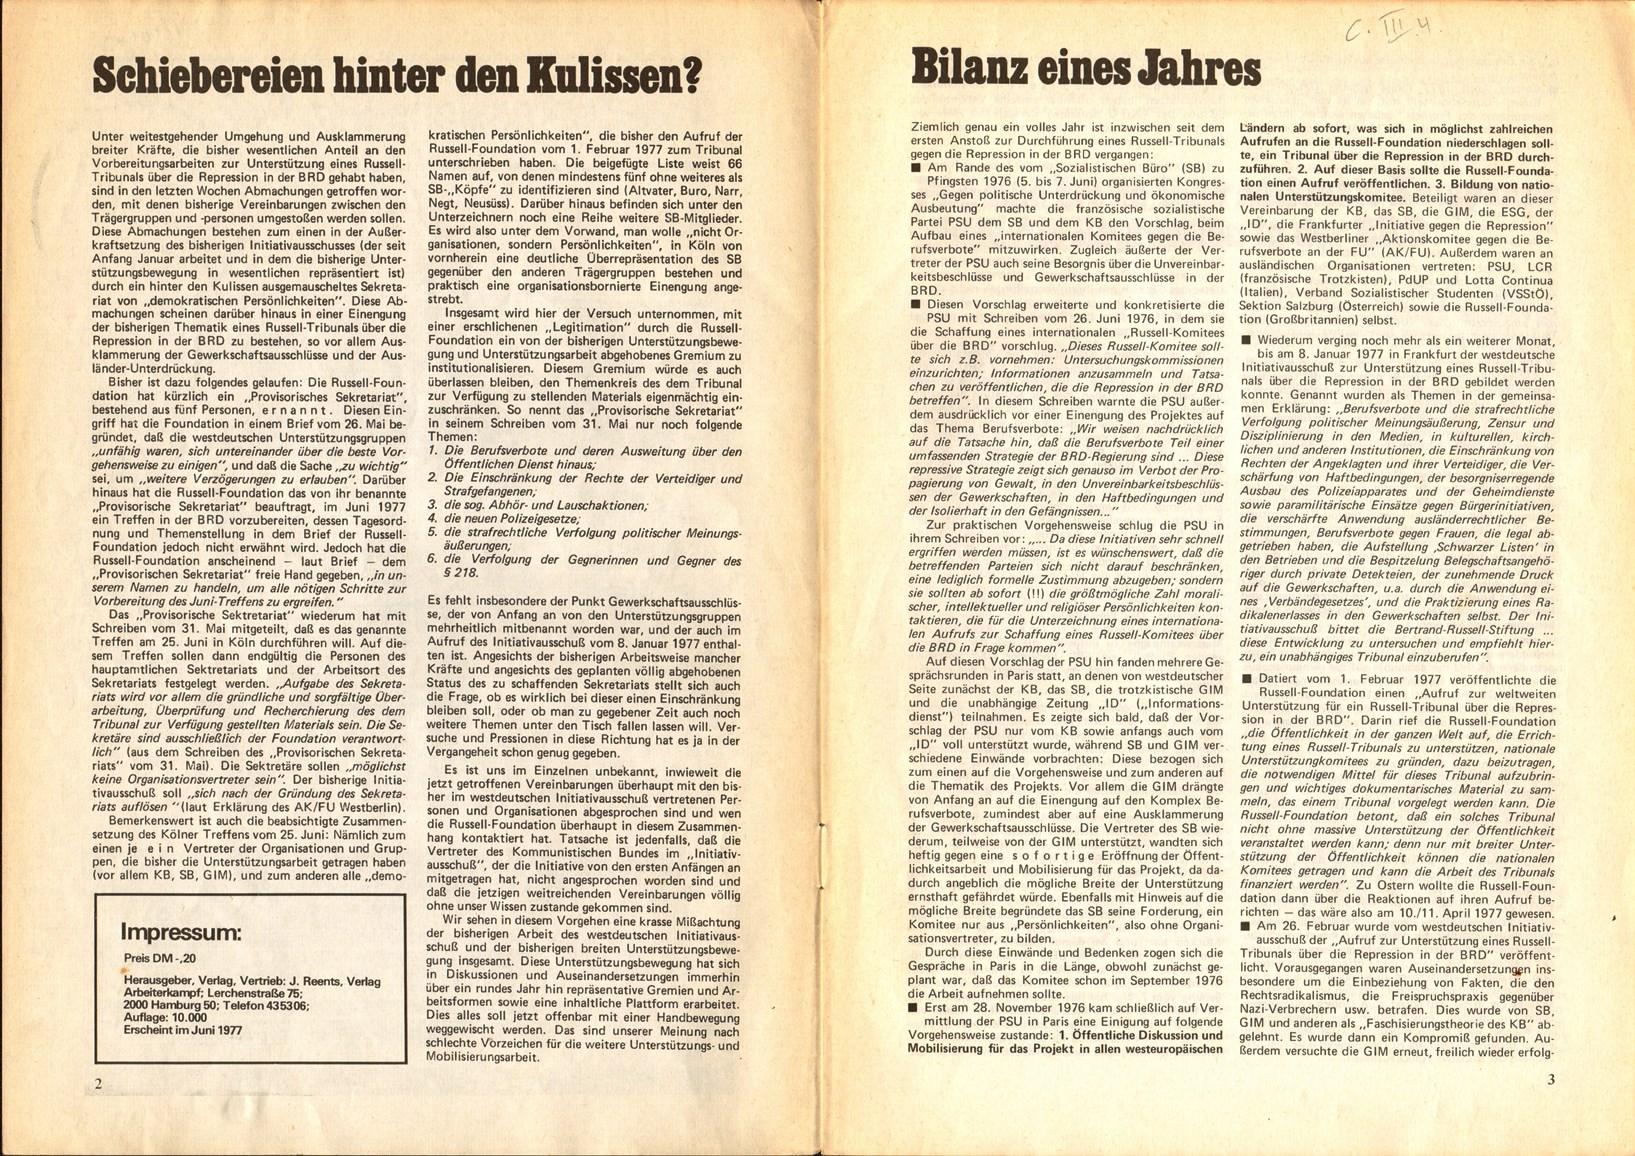 KB_Anti_Repressionsinfo_02_1977_02